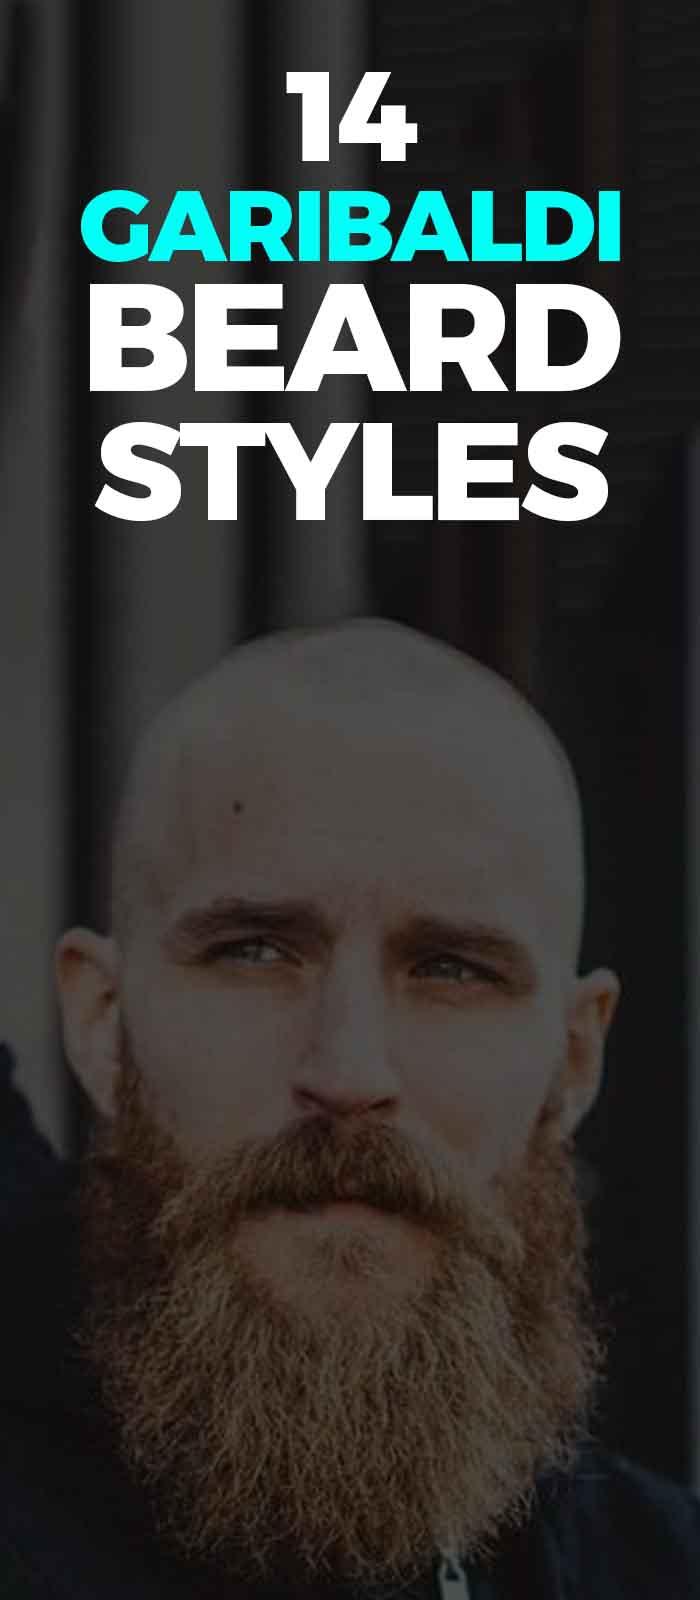 Garibaldi Style of beard for men!